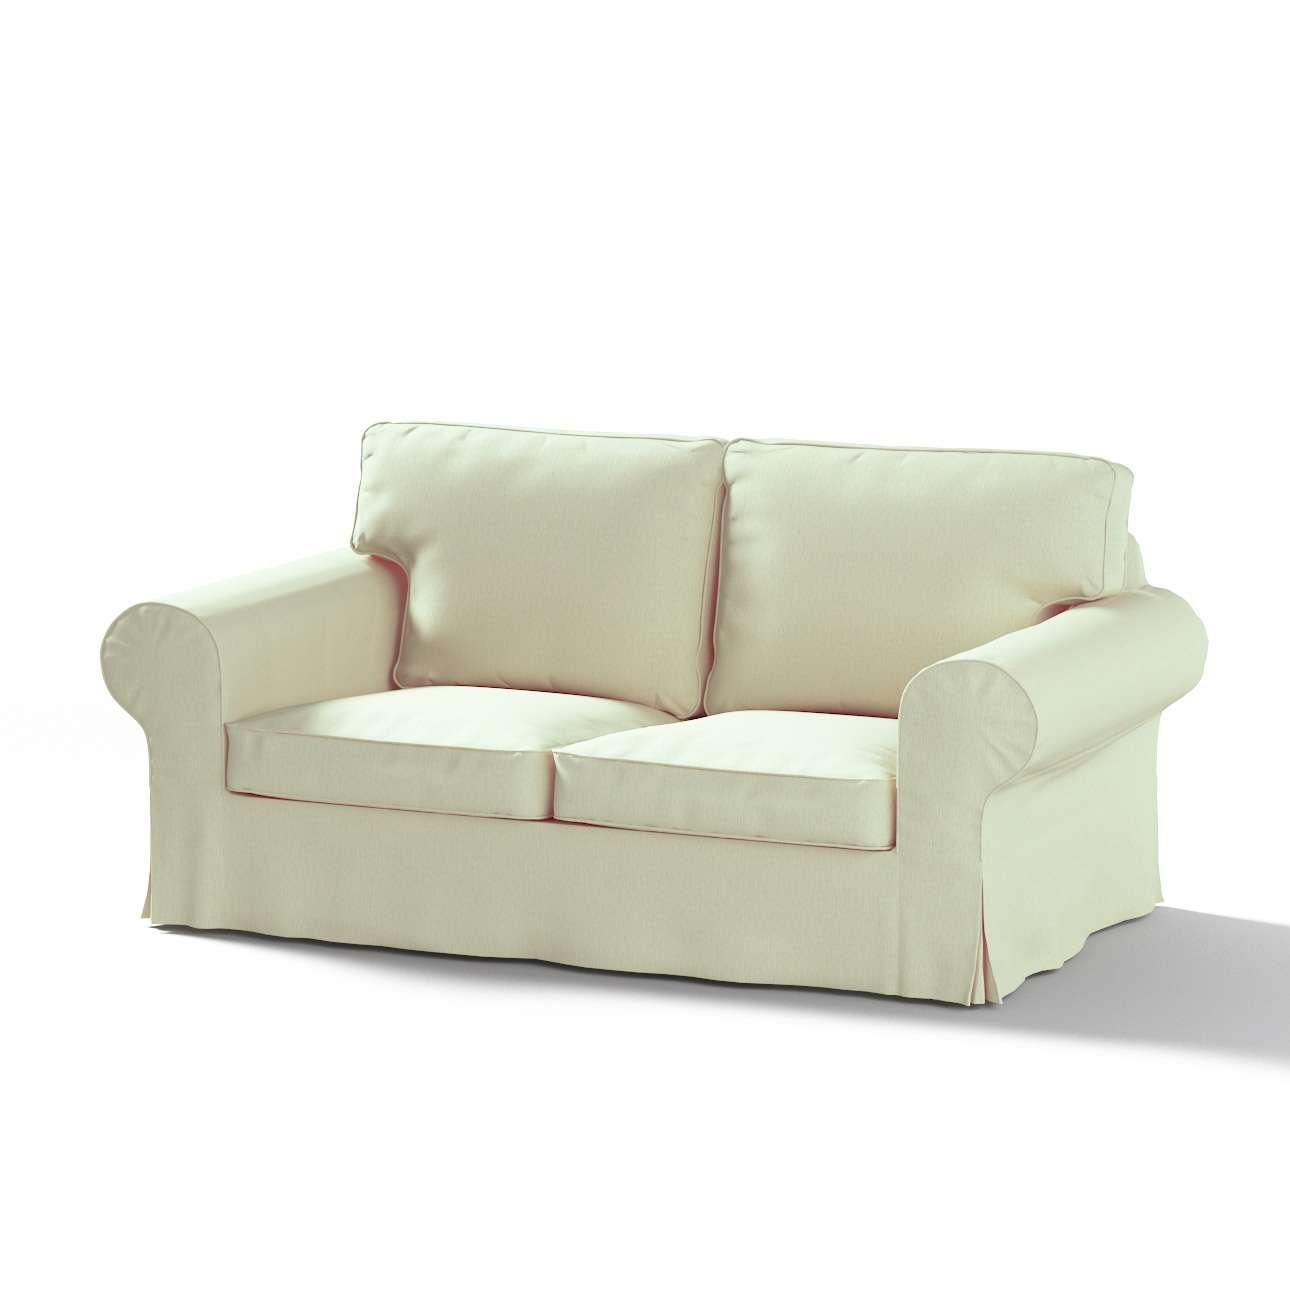 Ektorp dvivietės sofos užvalkalas Ektorp dvivietės sofos užvalkalas kolekcijoje Chenille, audinys: 702-22